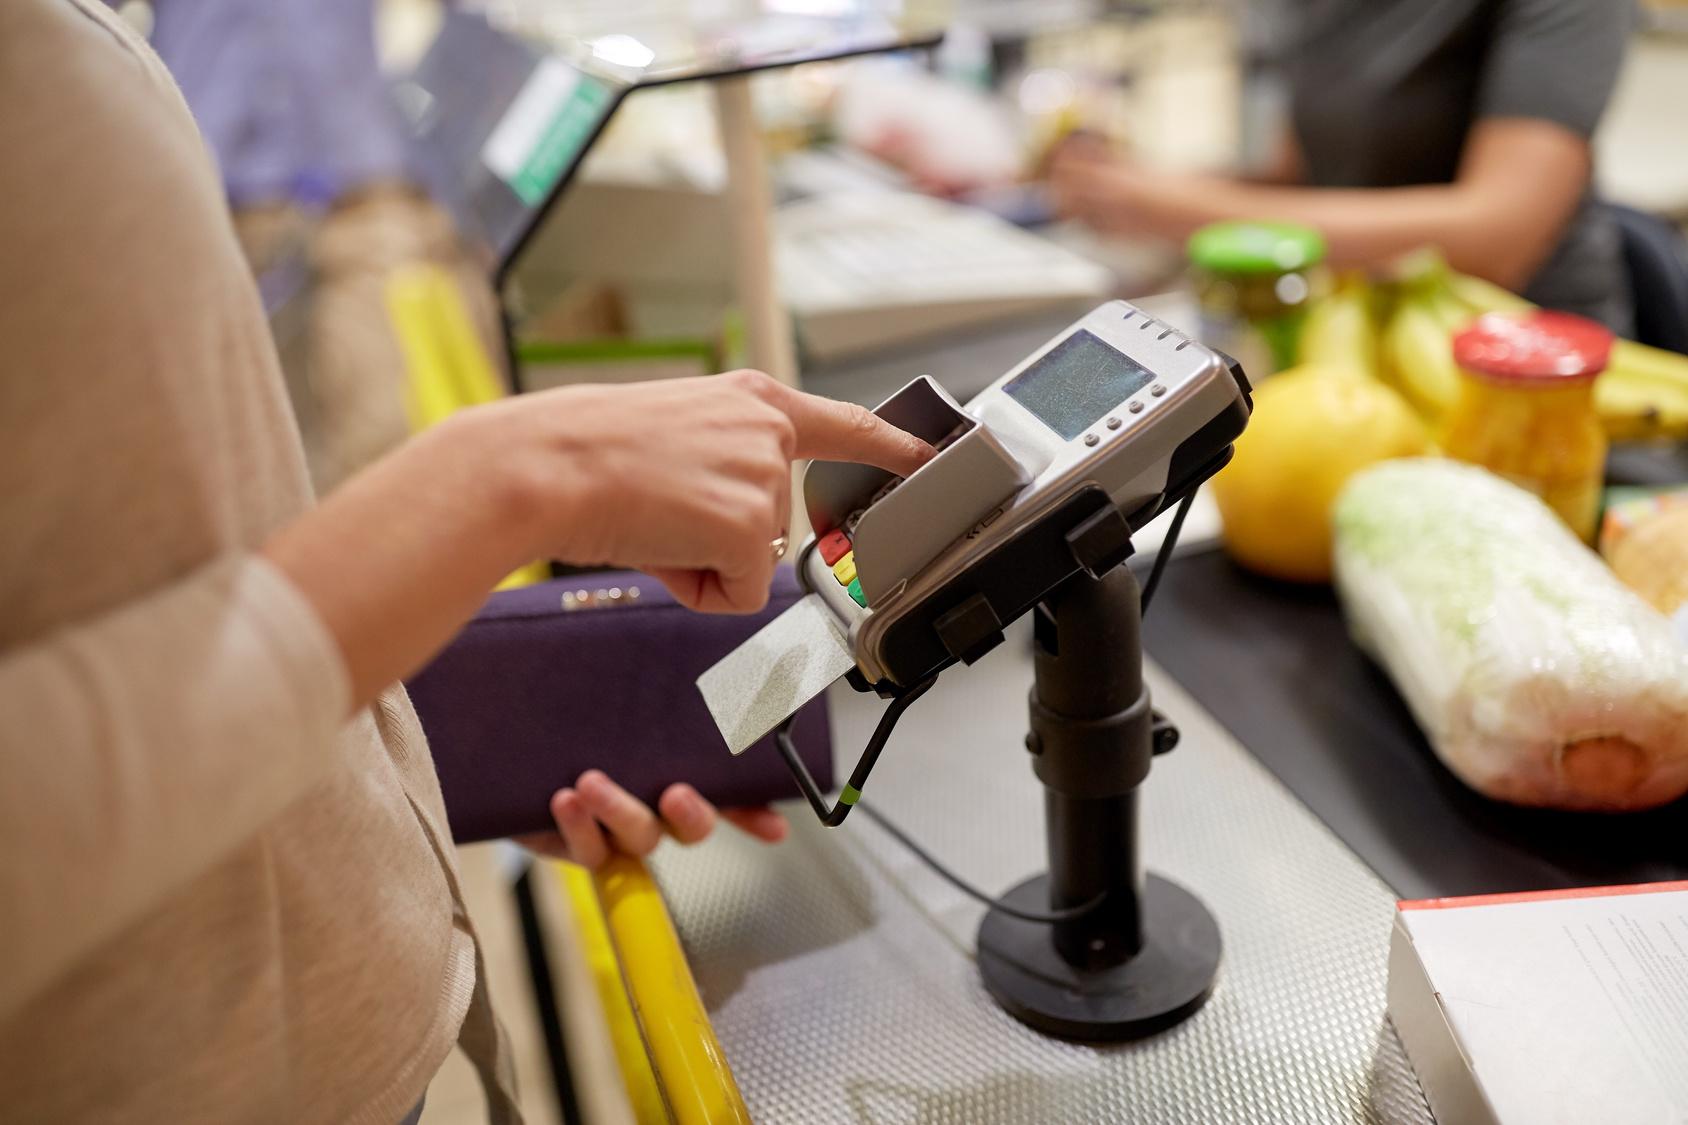 sklep kasa karta płatnicza terminal - Fotolia